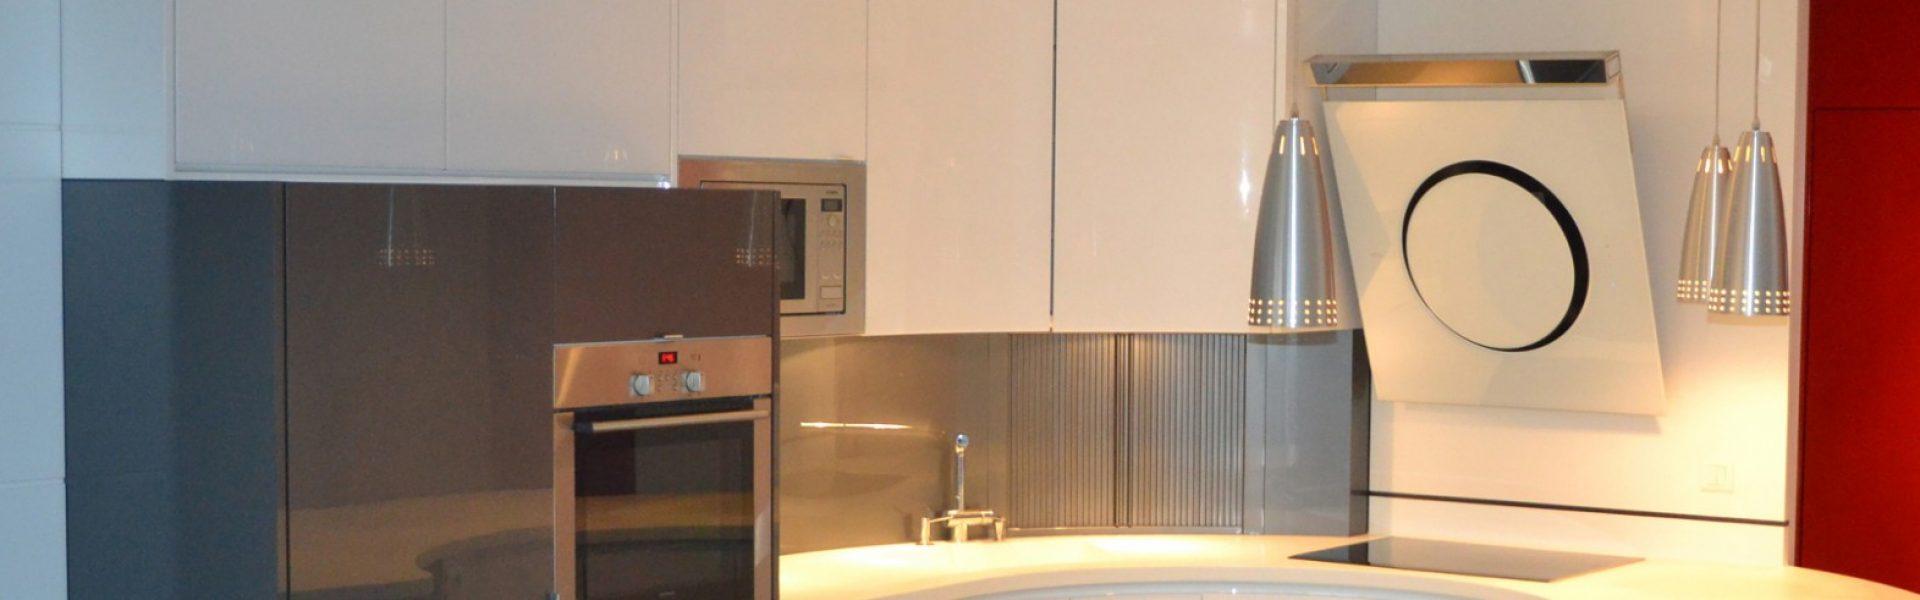 Ateliers Courtois – Spécialiste Cuisines Bains Aménagements Dressings Design – Verdun – France